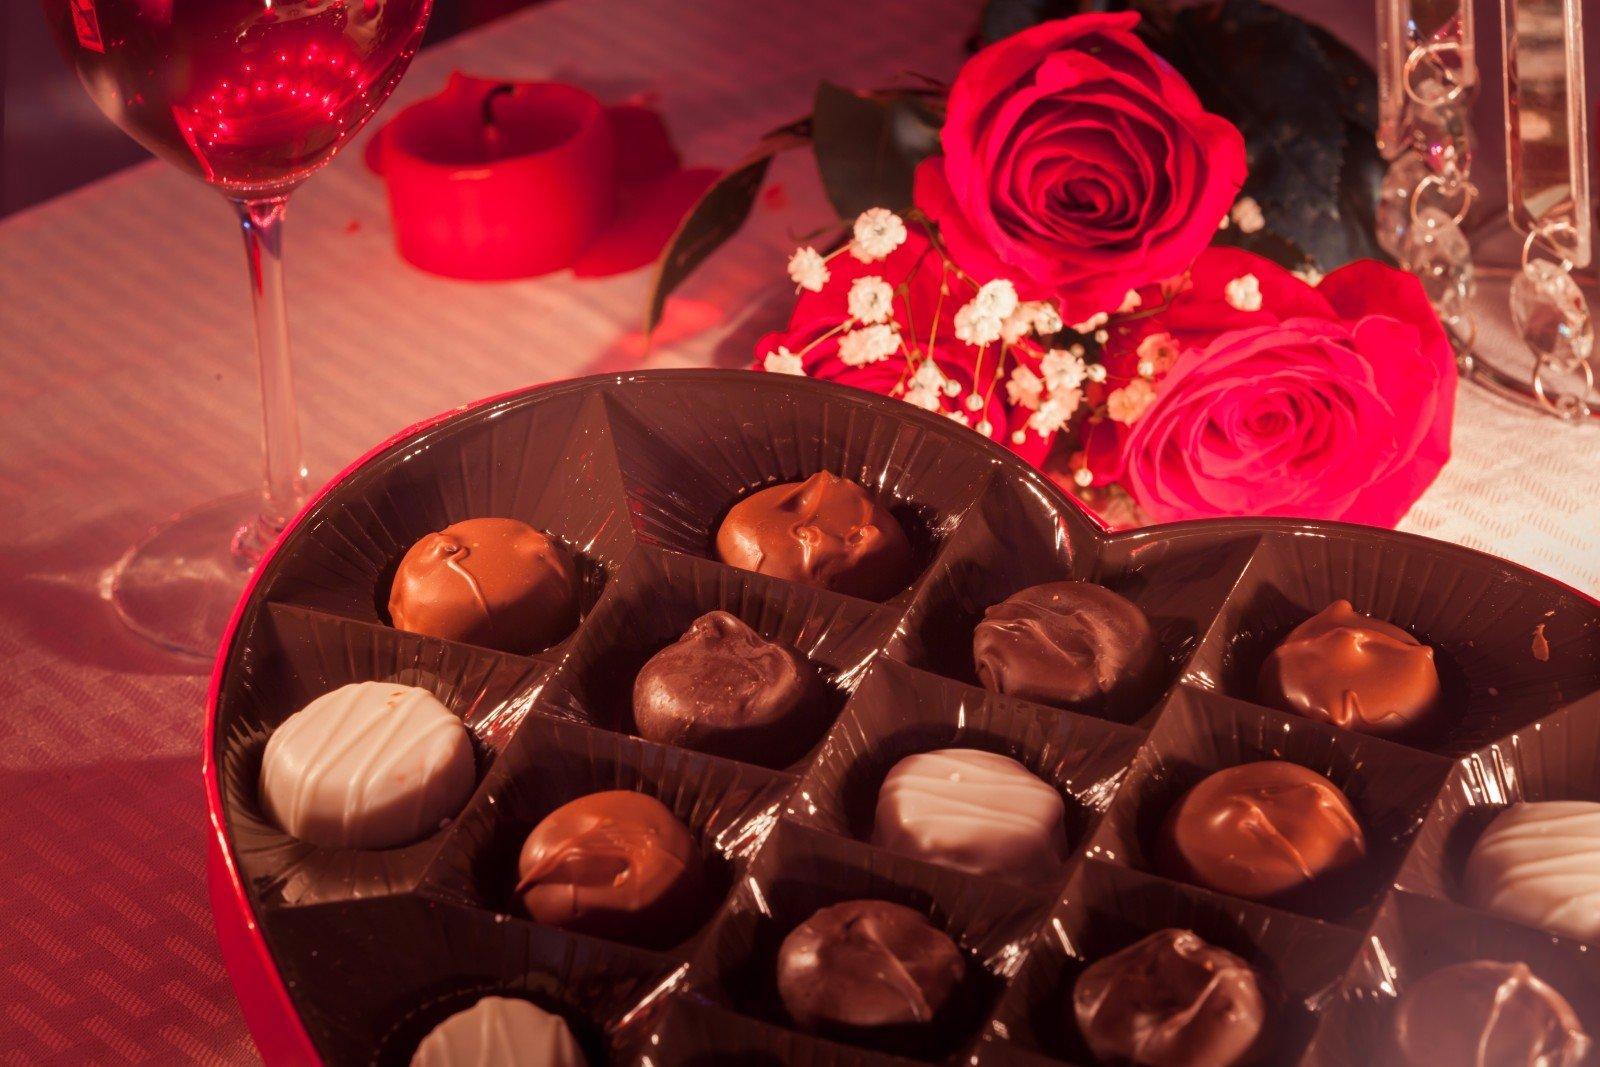 Cassa in forma di cuore con cioccolatini, rose rosse e la coppa di vino